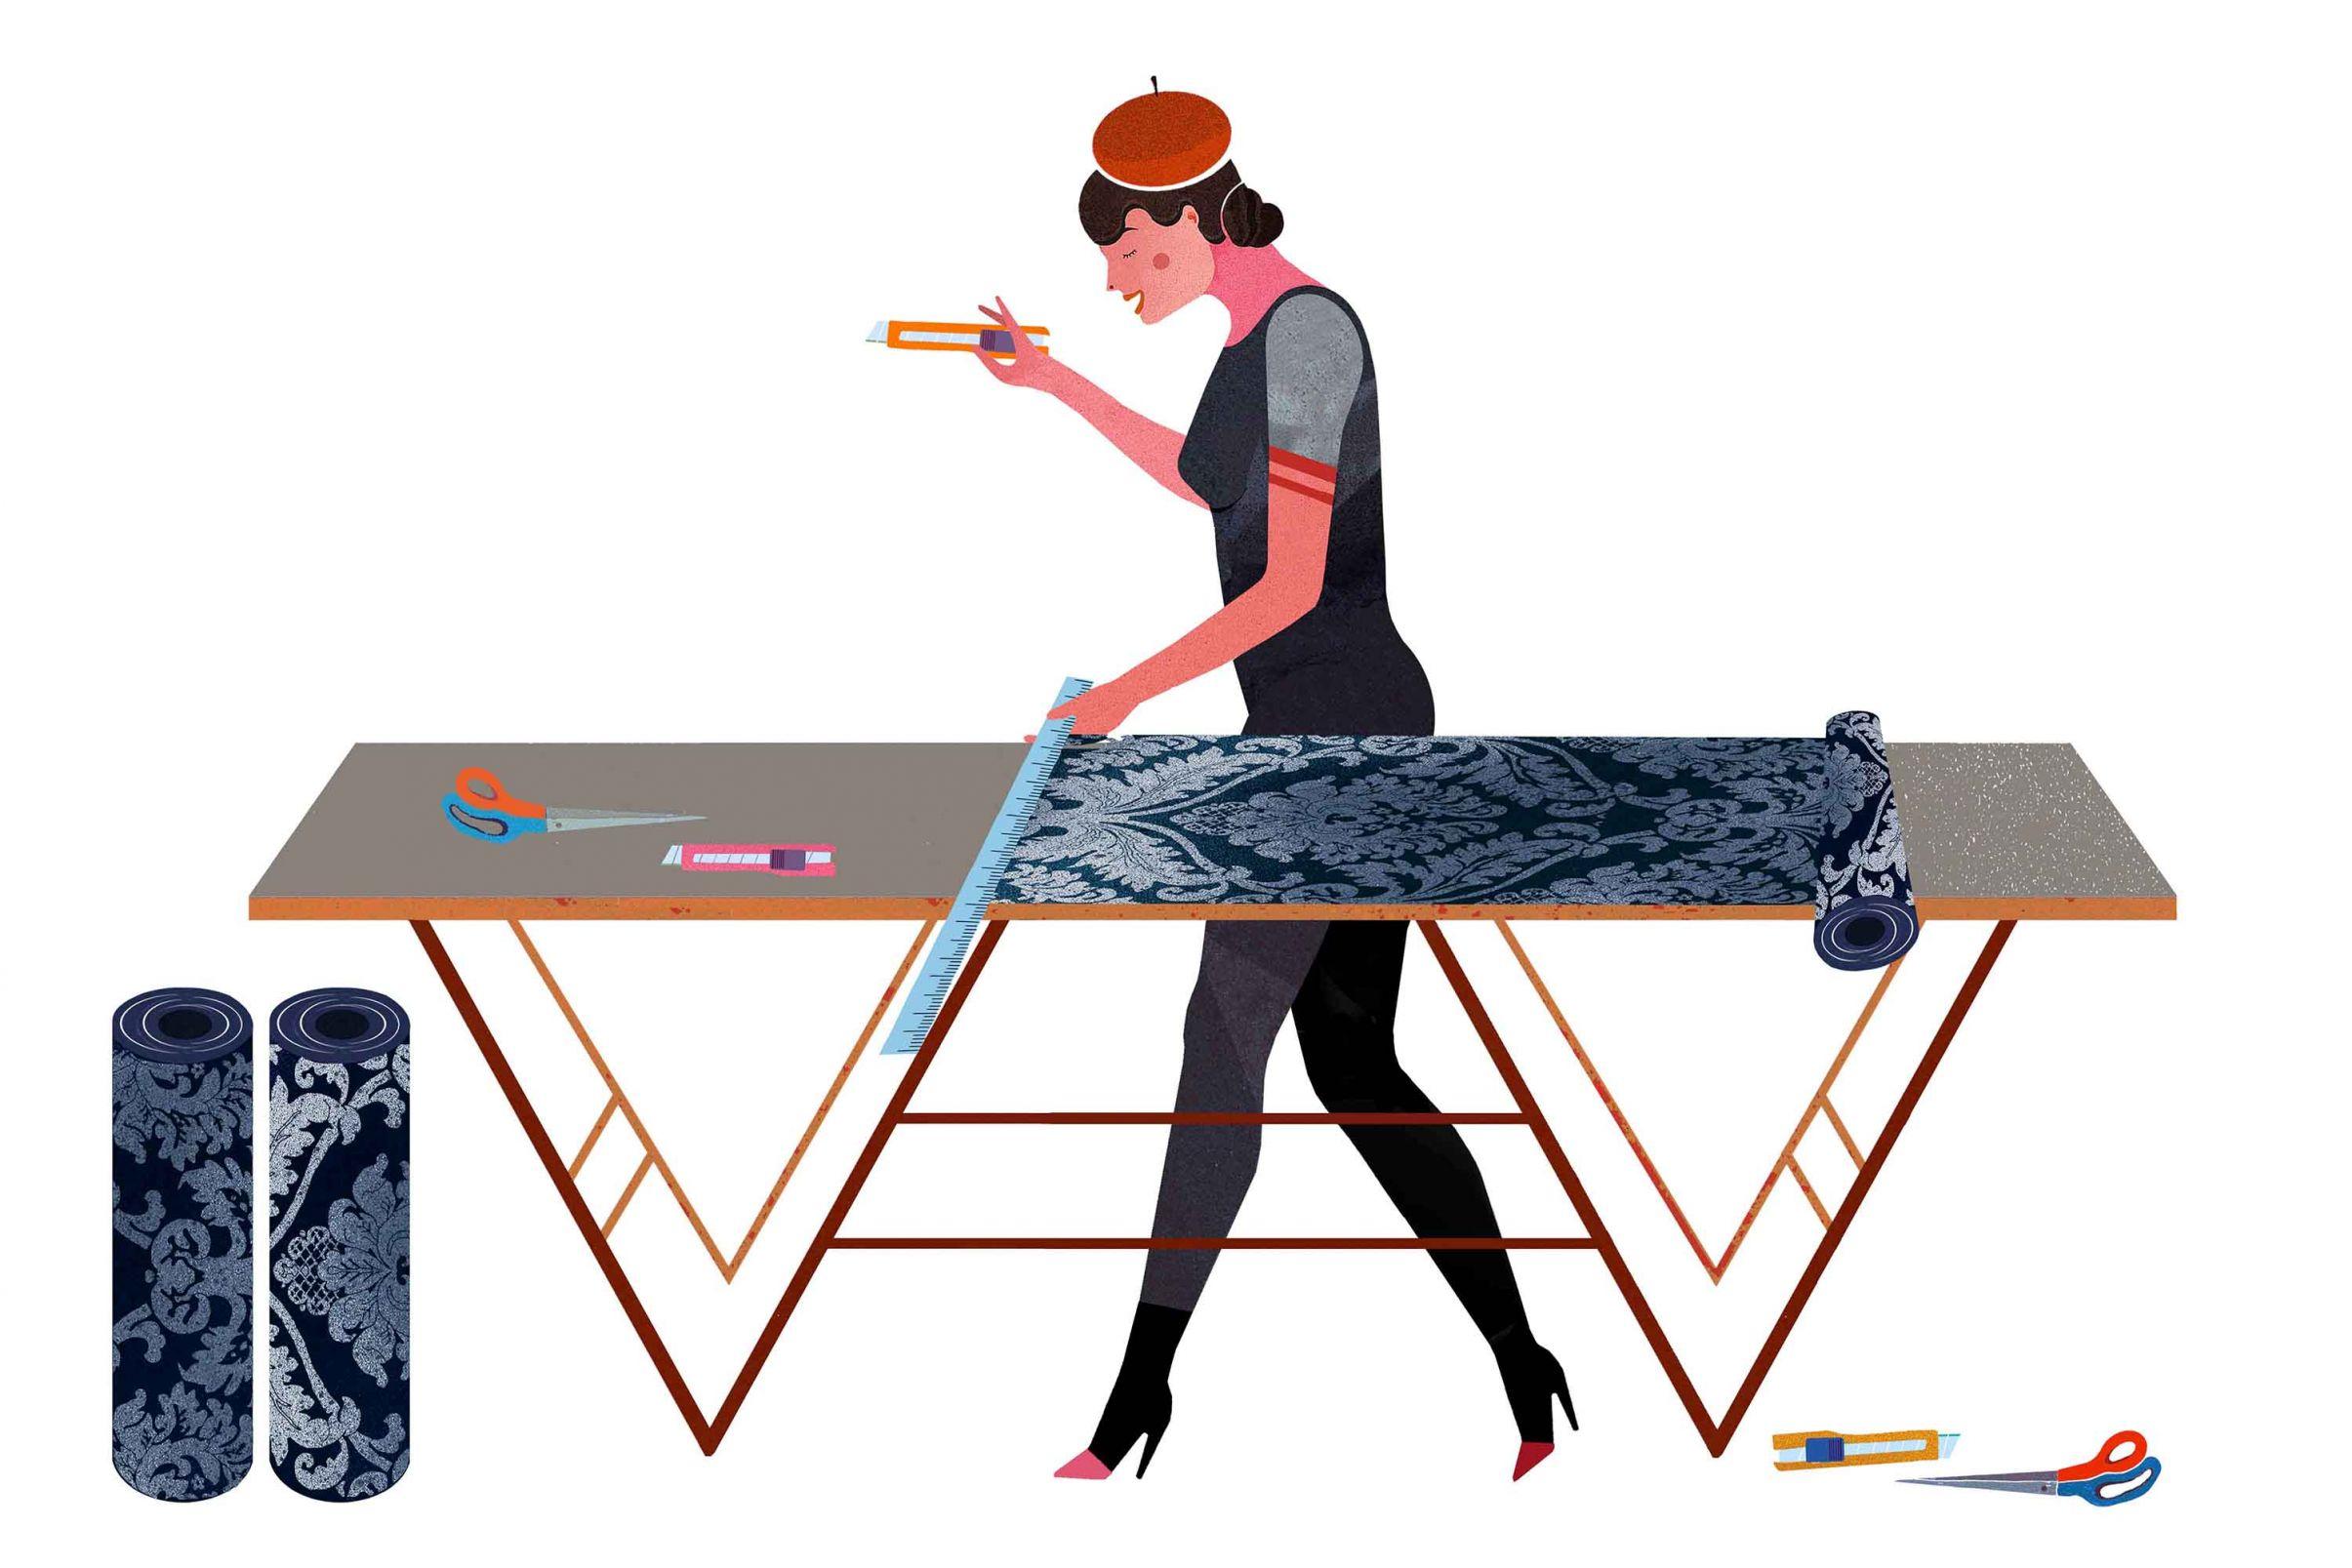 Comment-couper-correctement-le-papier-peint-Couper-les-les-de-papier-peint-sur-la-table-a-treteaux